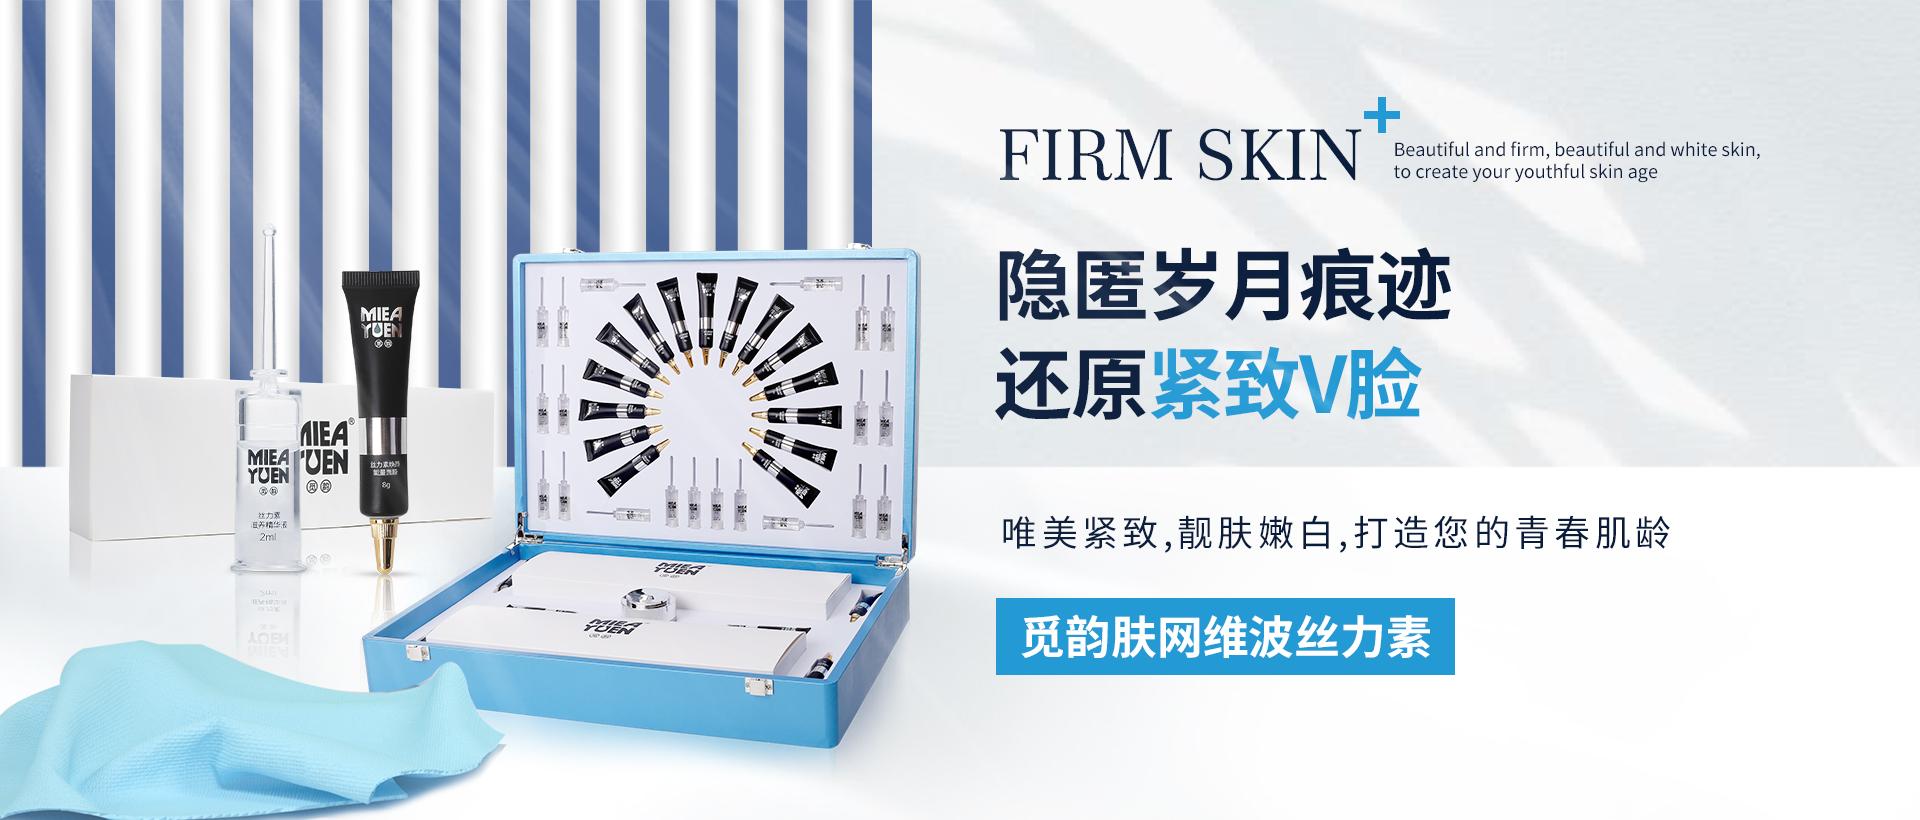 尚你美觅韵产品单页banner图